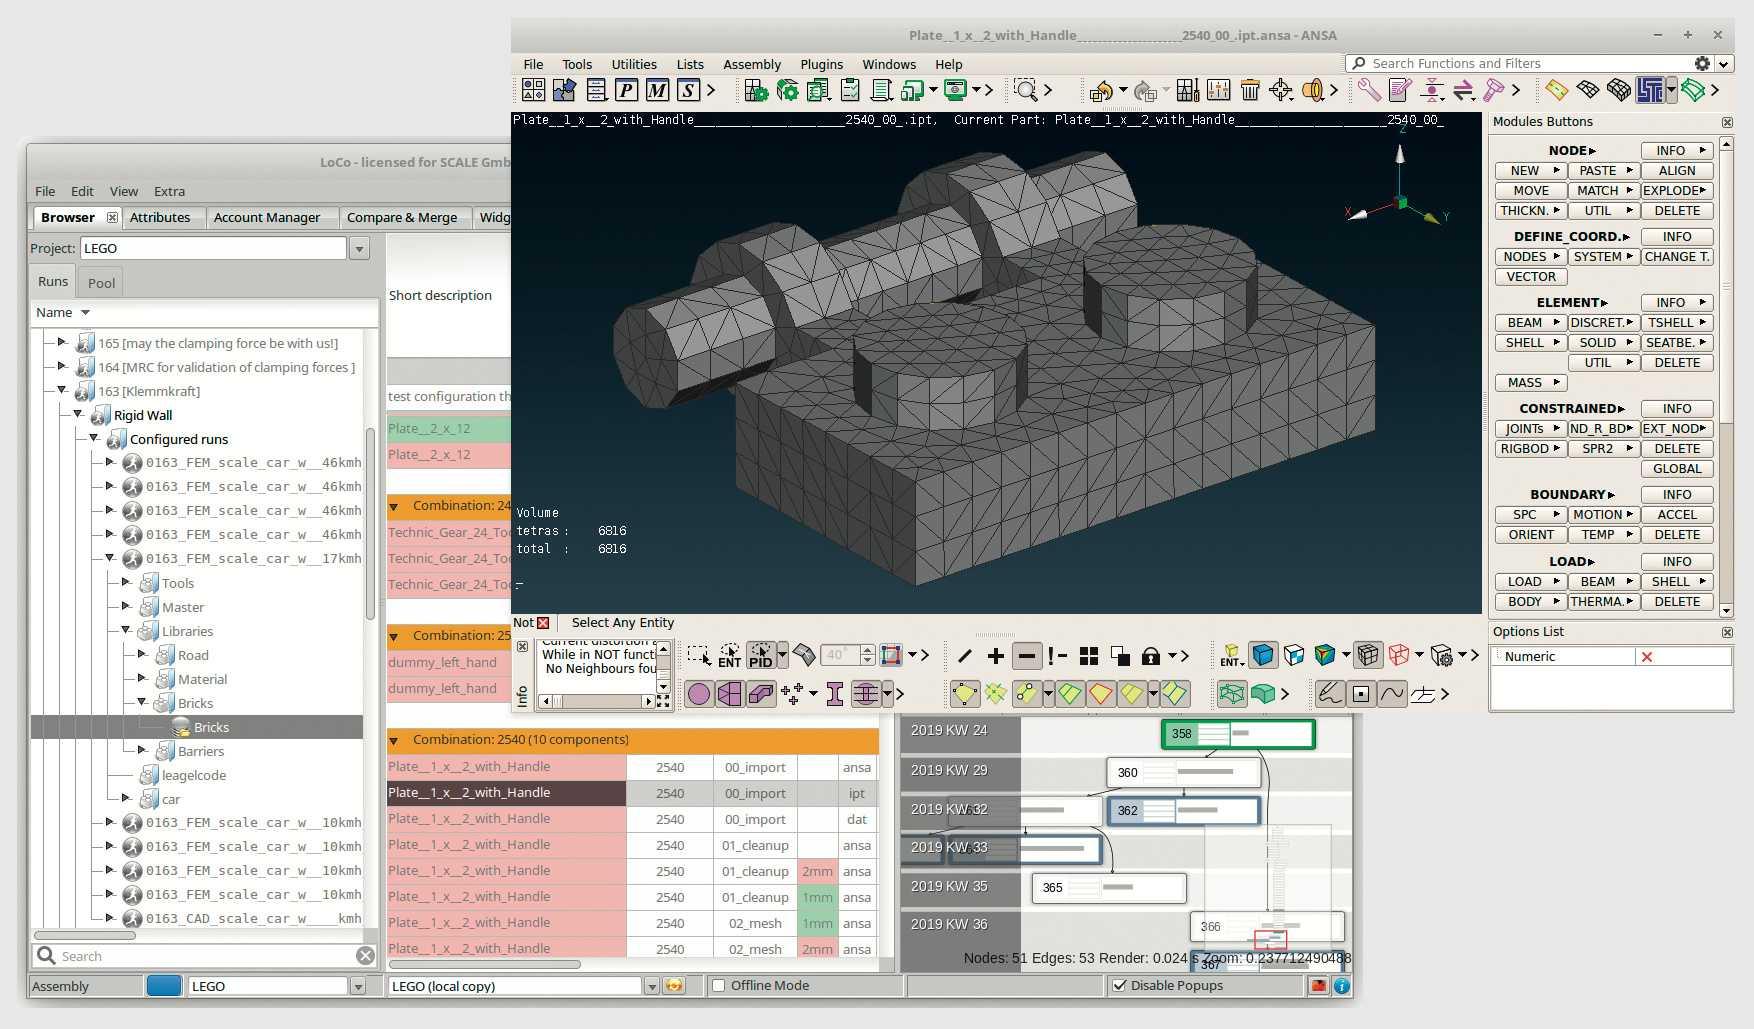 Beim sogenannten Vernetzen werden CAD-Daten in das FEM-Modell überführt. Nicht relevante Details wie der Lego-Schriftzug fallen dabei weg.